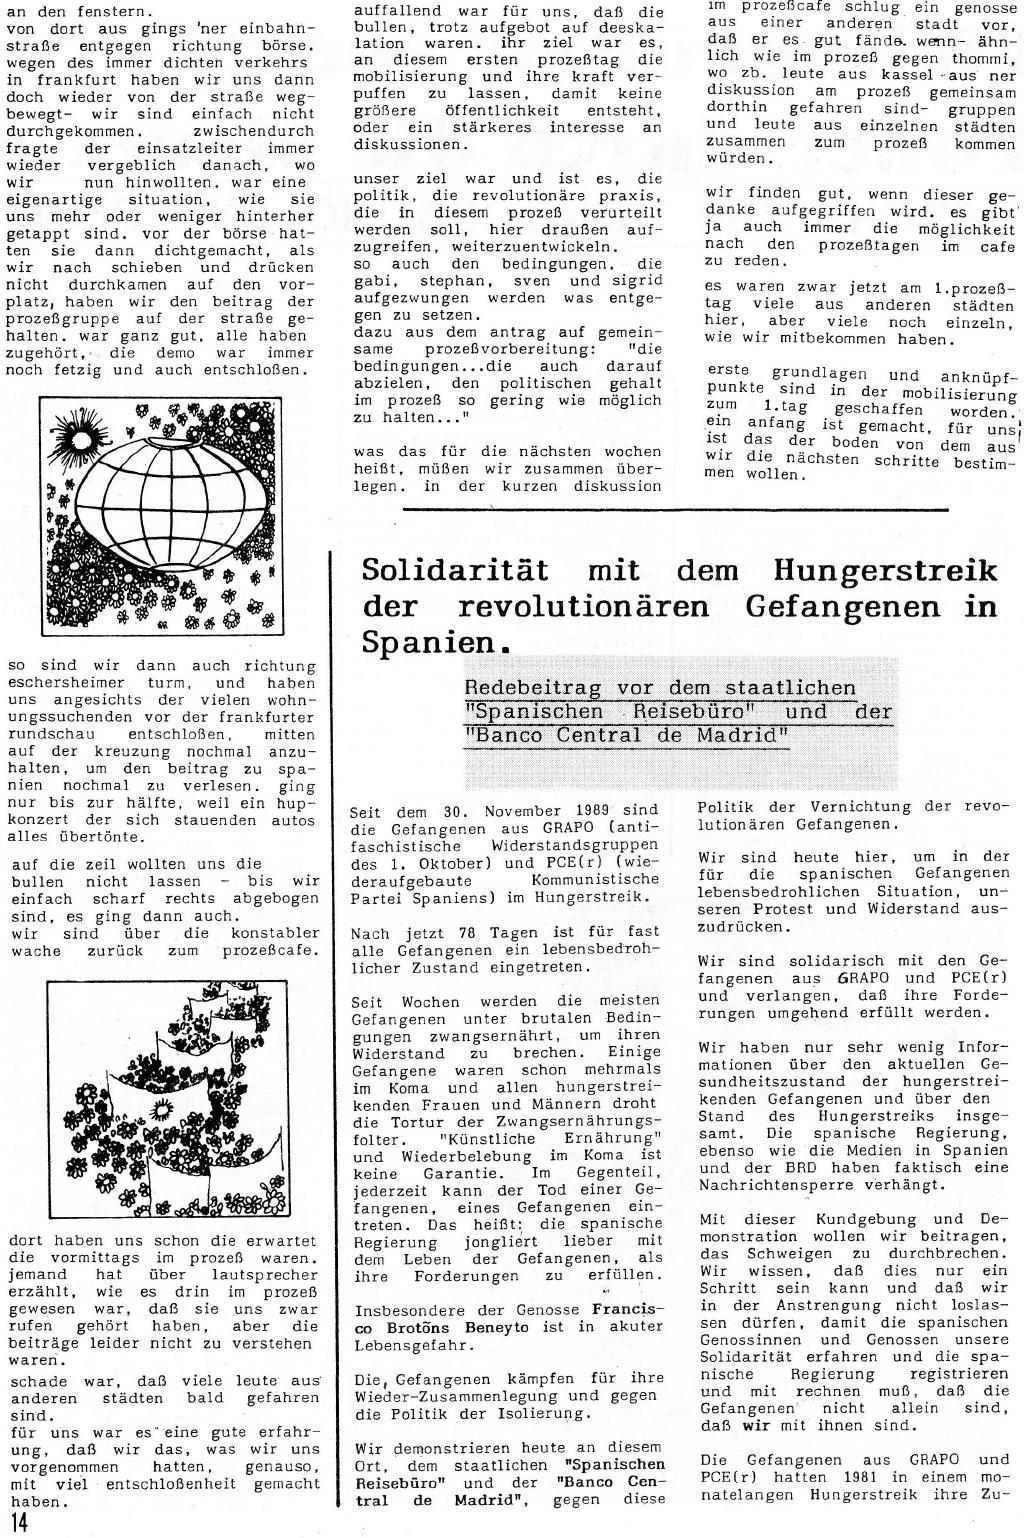 Frankfurt_Prozessinfo_Kein_Frieden_mit_den_Banken_1990_1_2_14